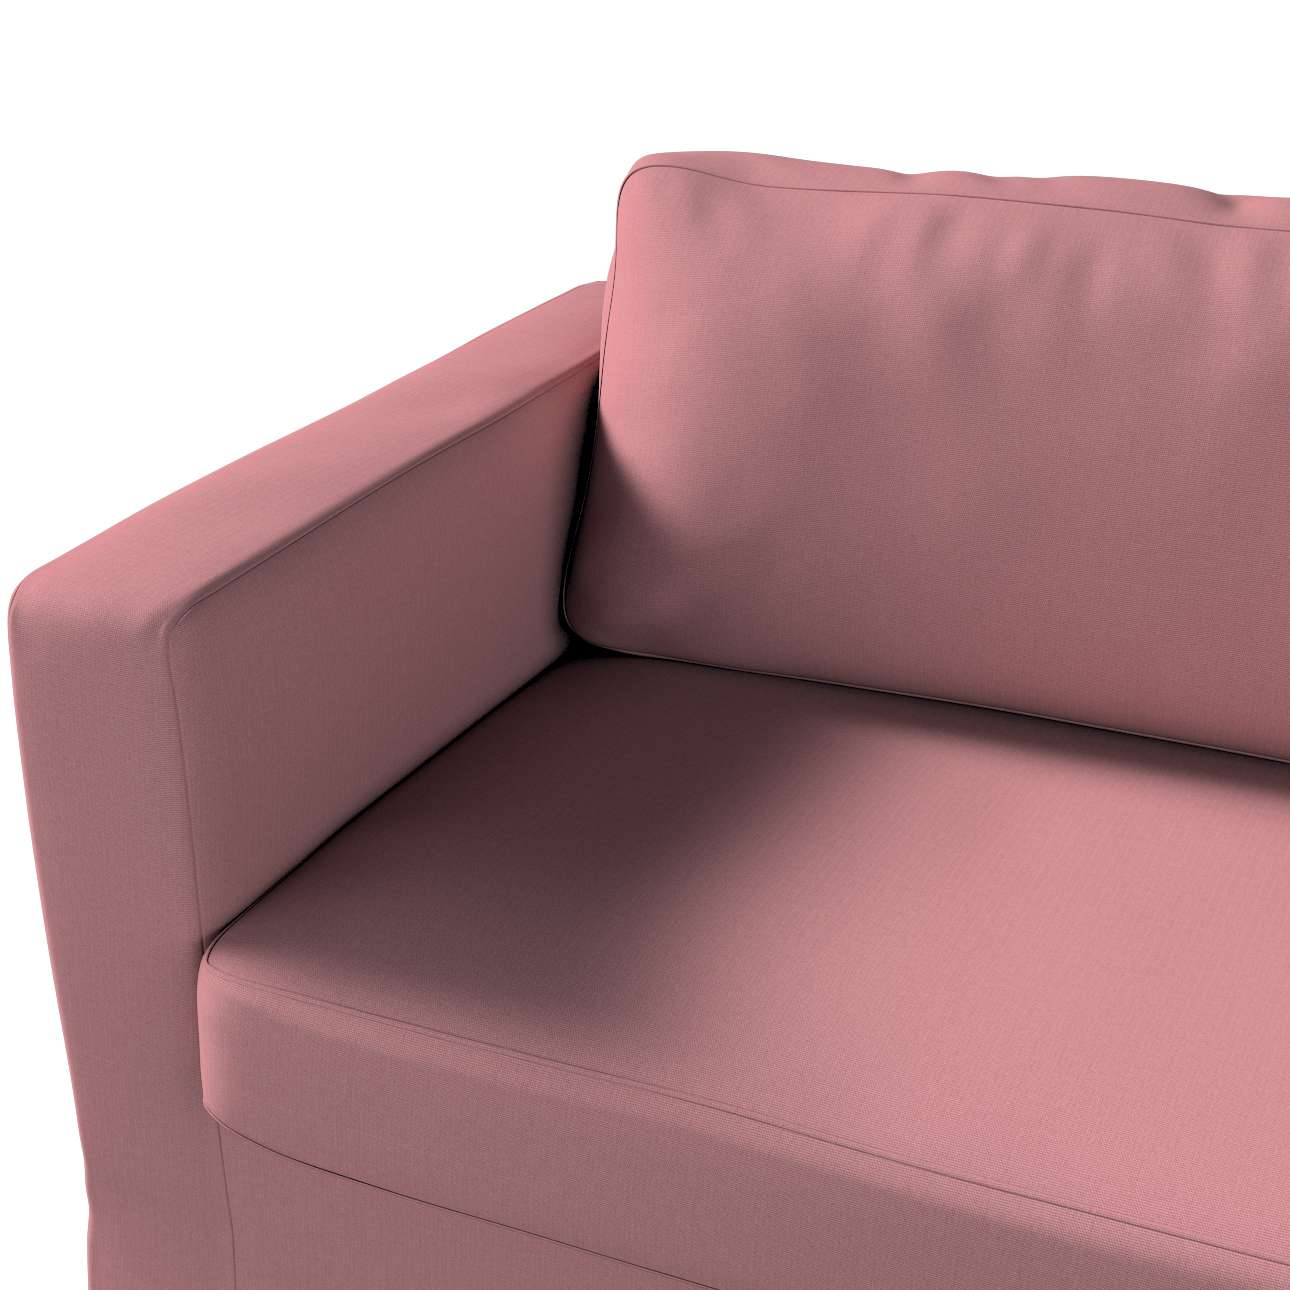 Pokrowiec na sofę Karlstad 3-osobową nierozkładaną, długi w kolekcji Cotton Panama, tkanina: 702-43